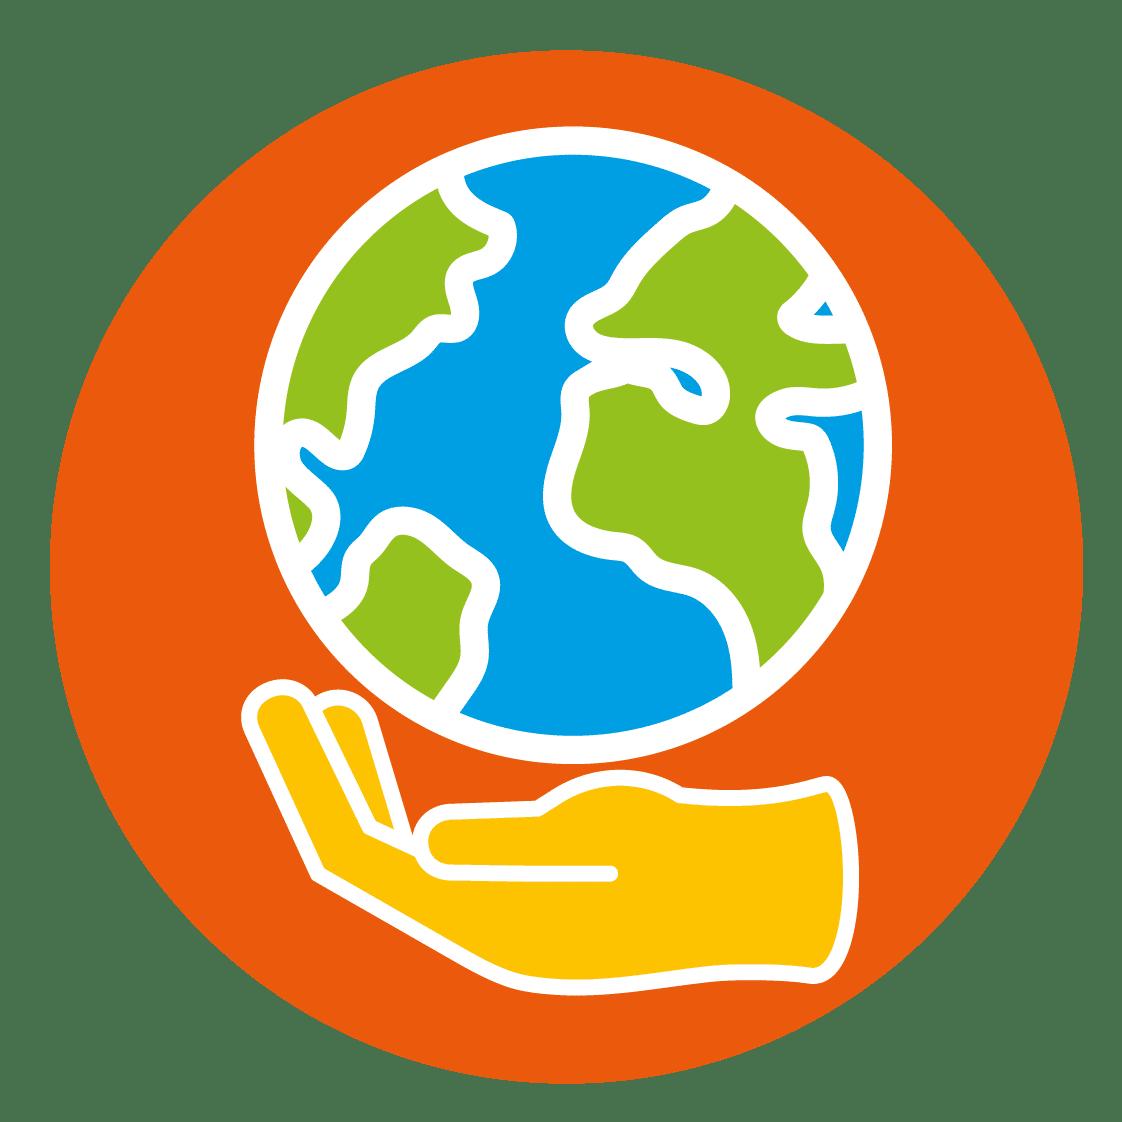 Icône association pour la planète